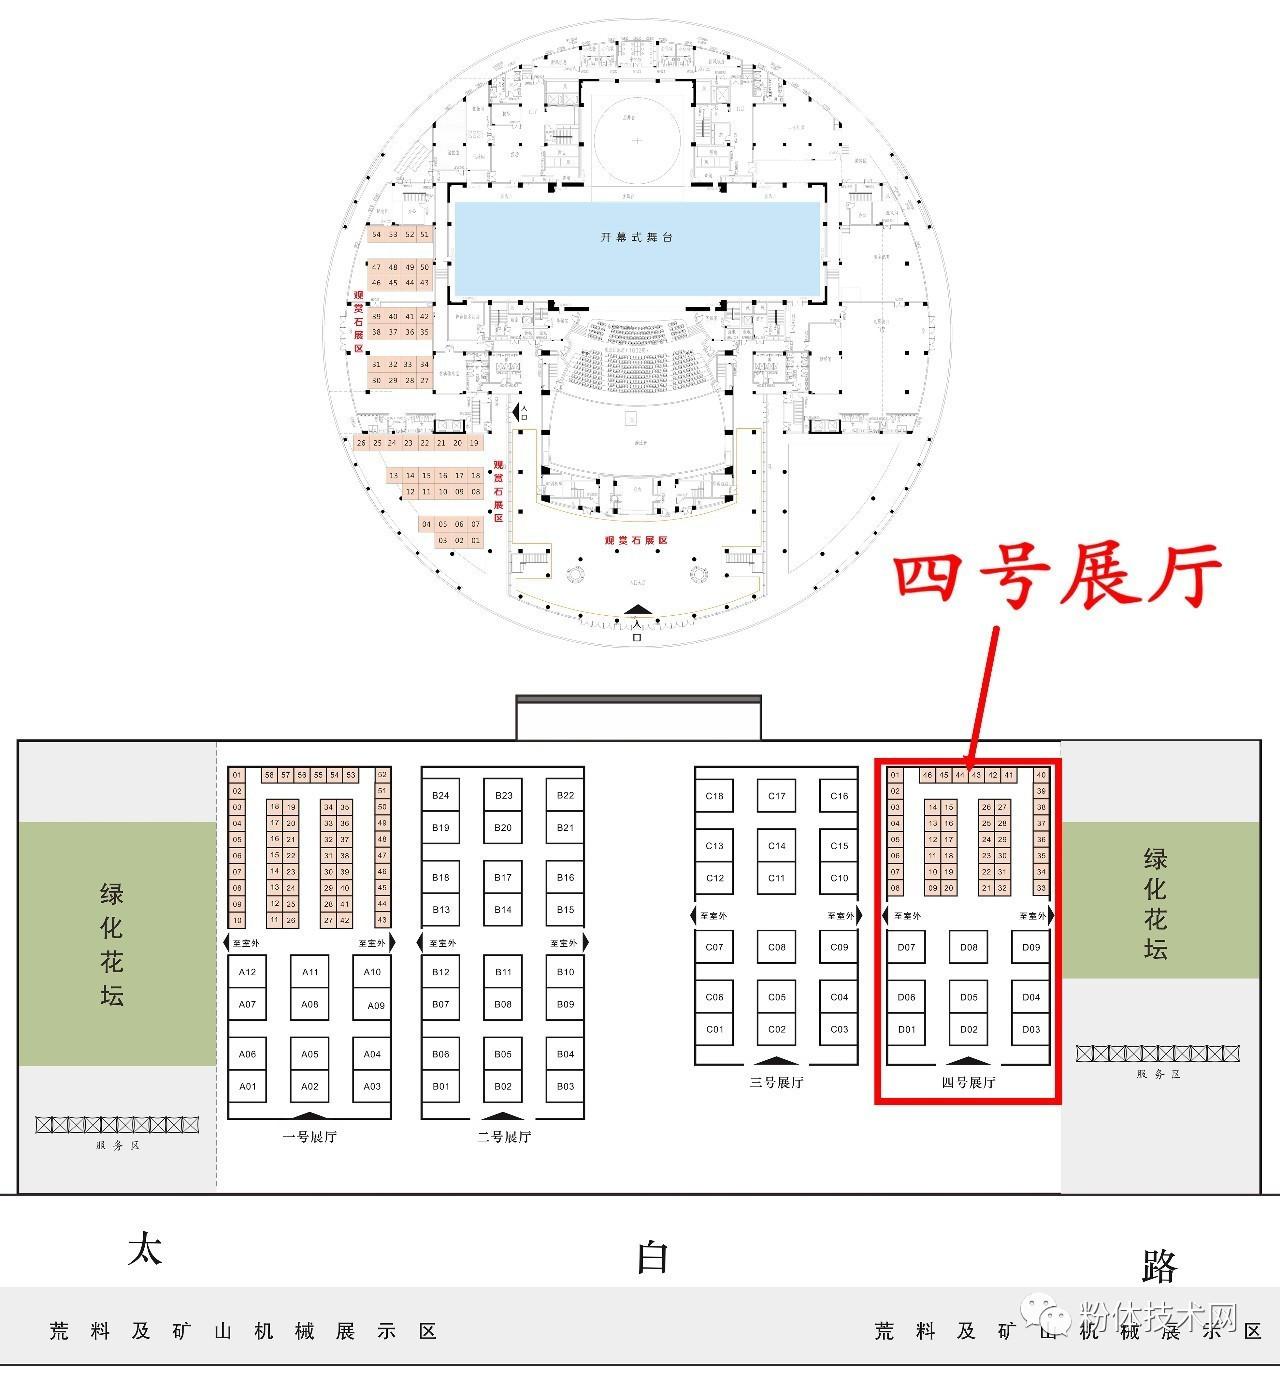 9月展商推荐_东莞市粉匠高科技有限公司